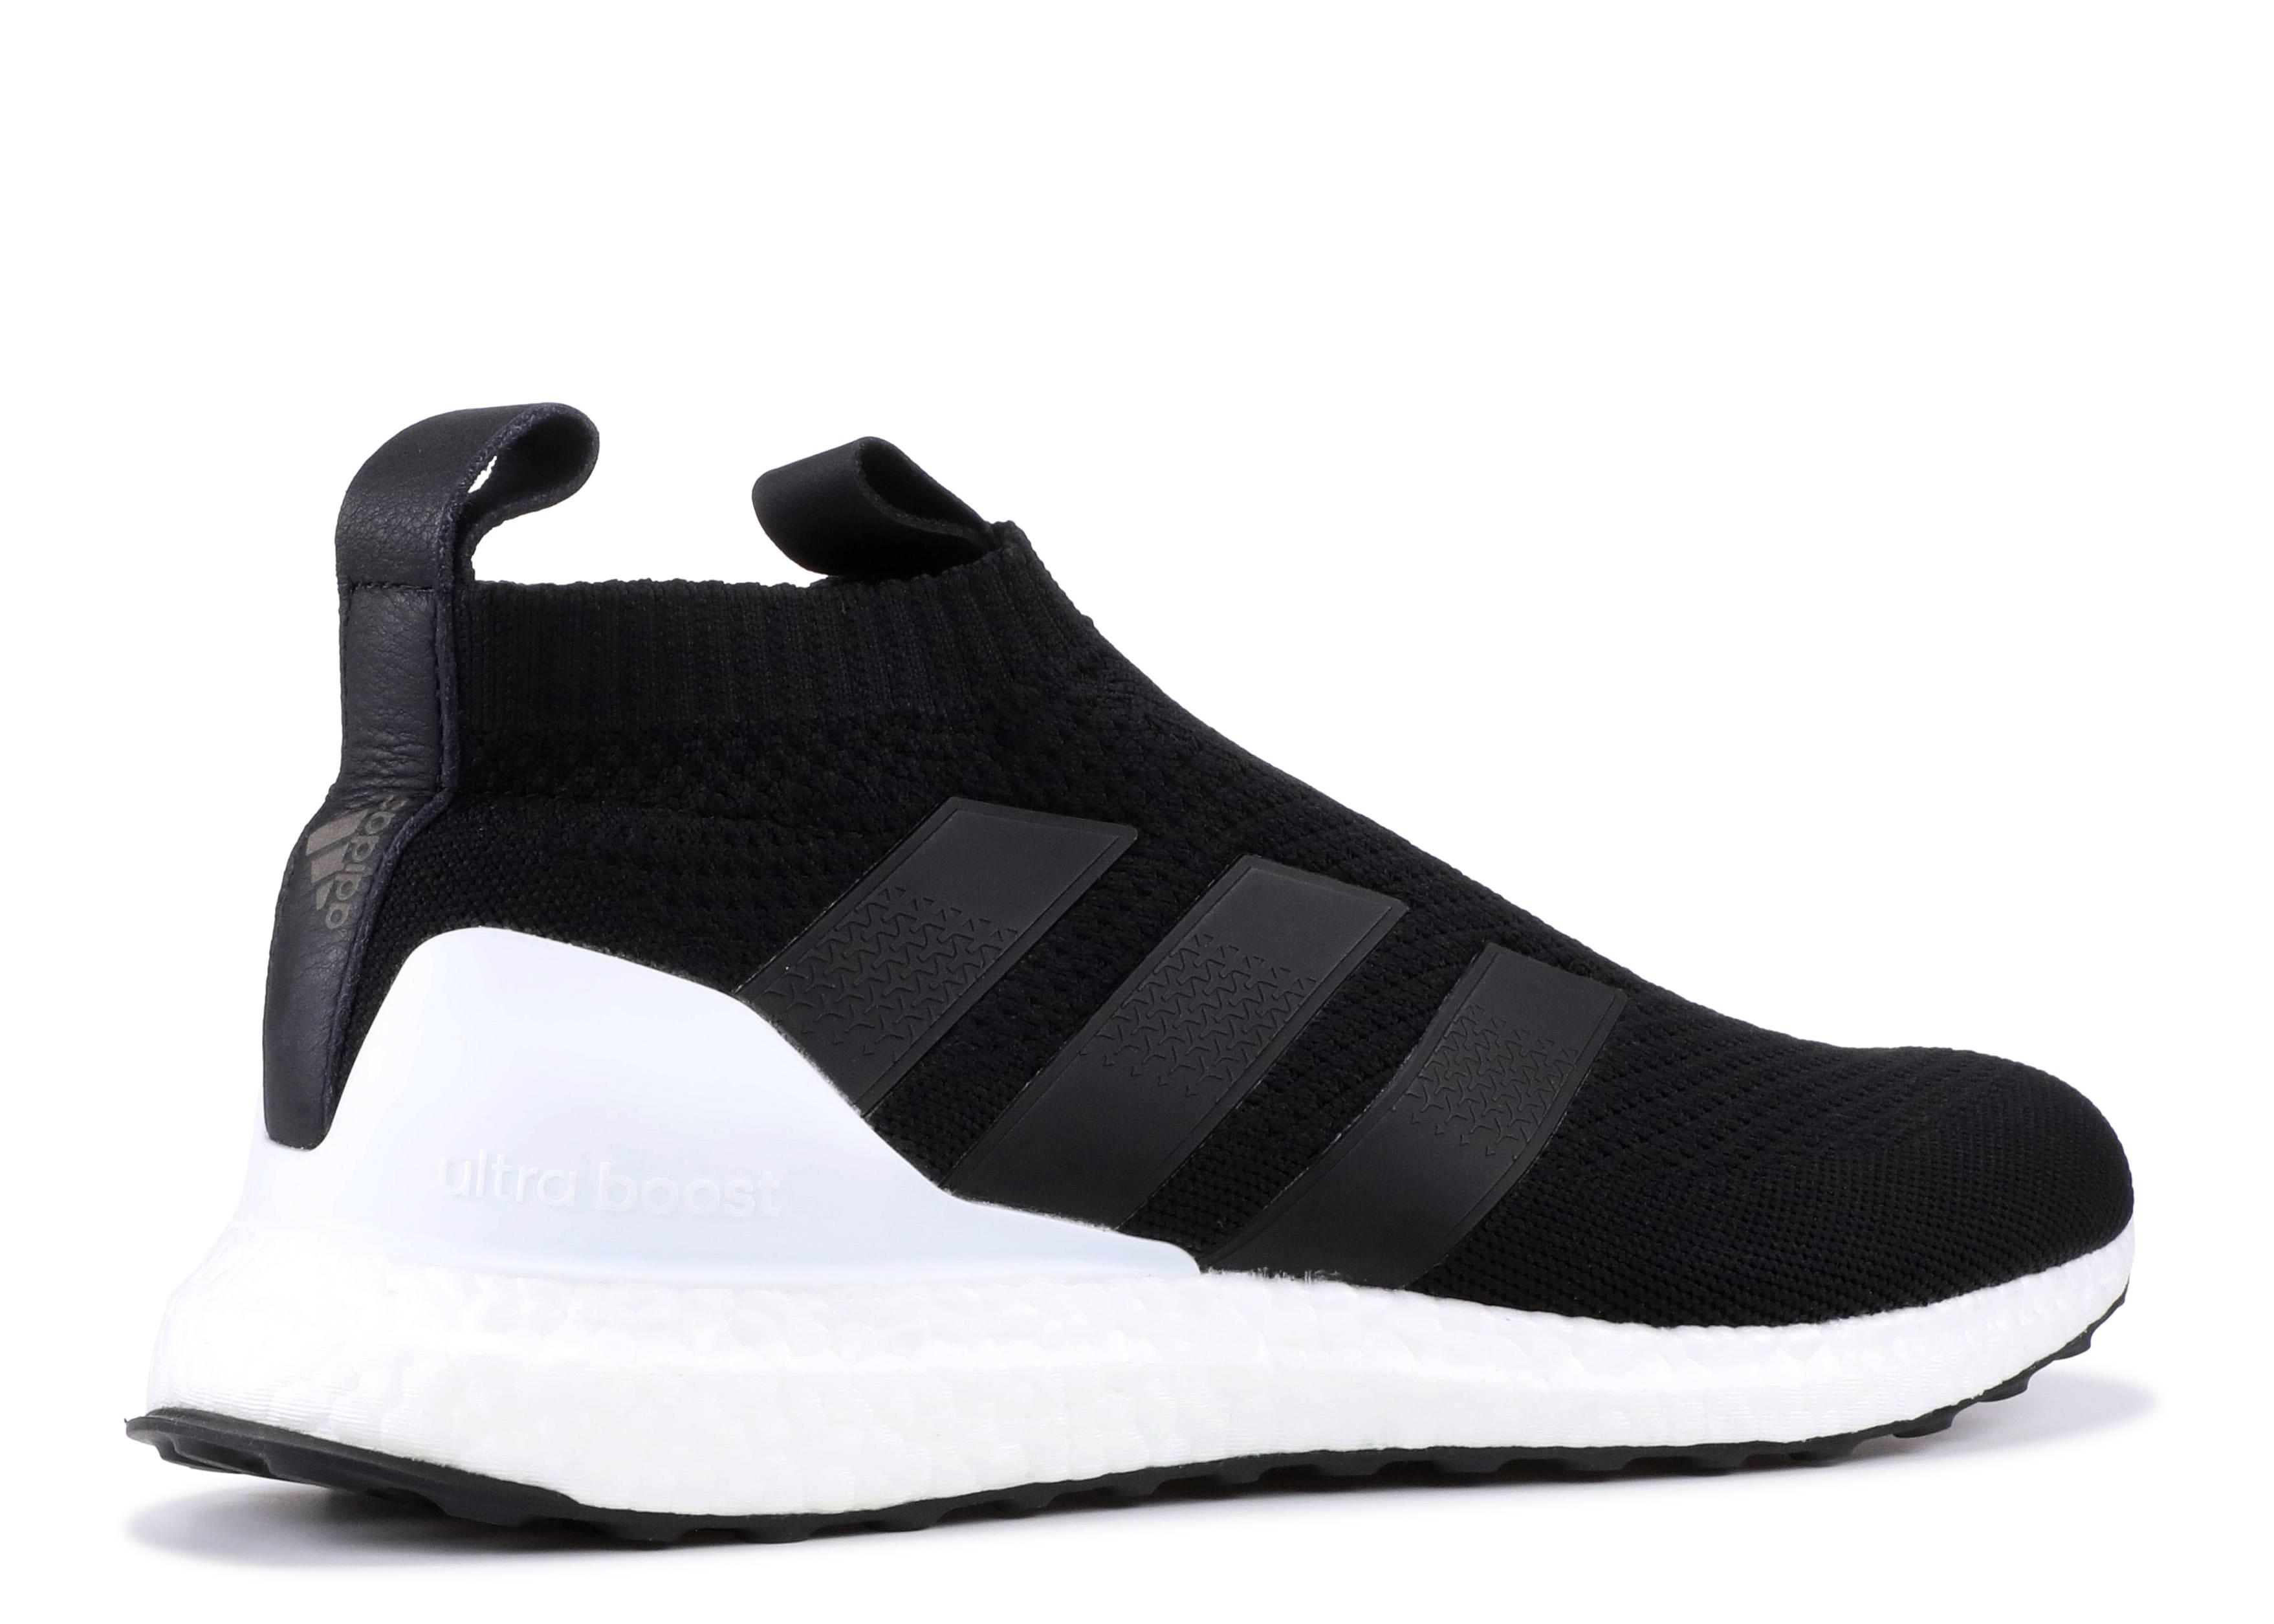 0f7d99f3c8b3c Adidas ACE 16+ Ultra Boost Core Black - 3